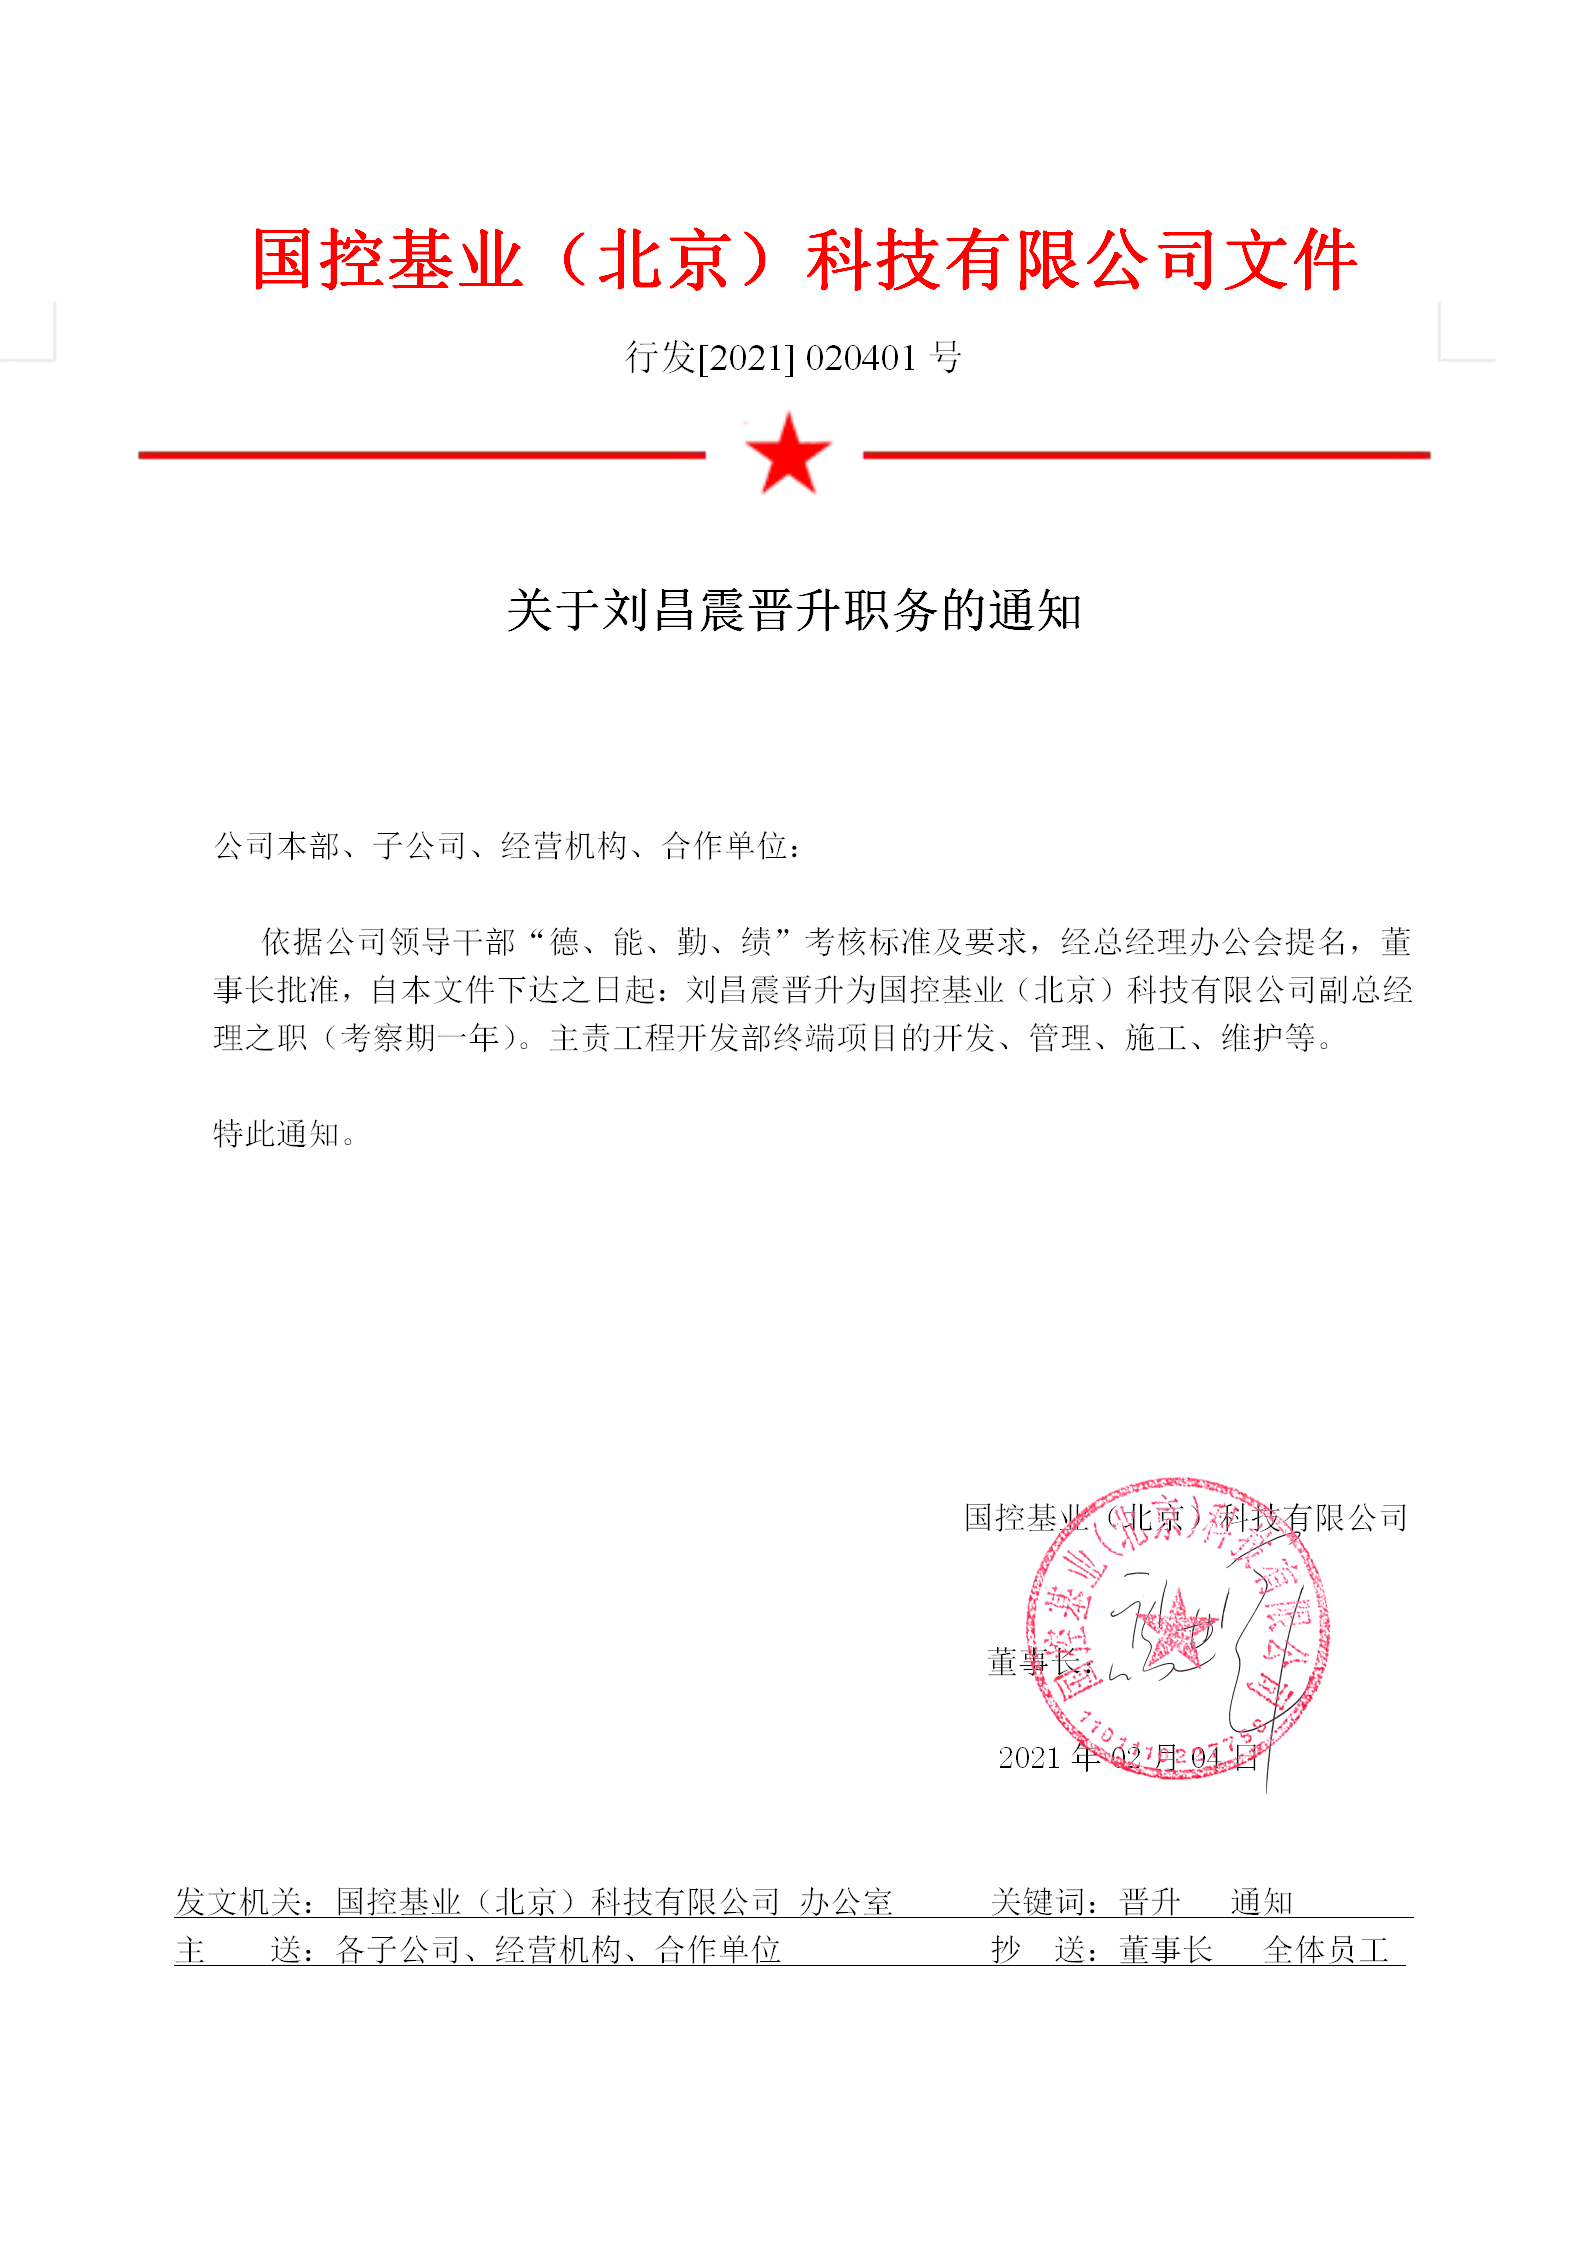 关于刘昌震晋升职务的通知